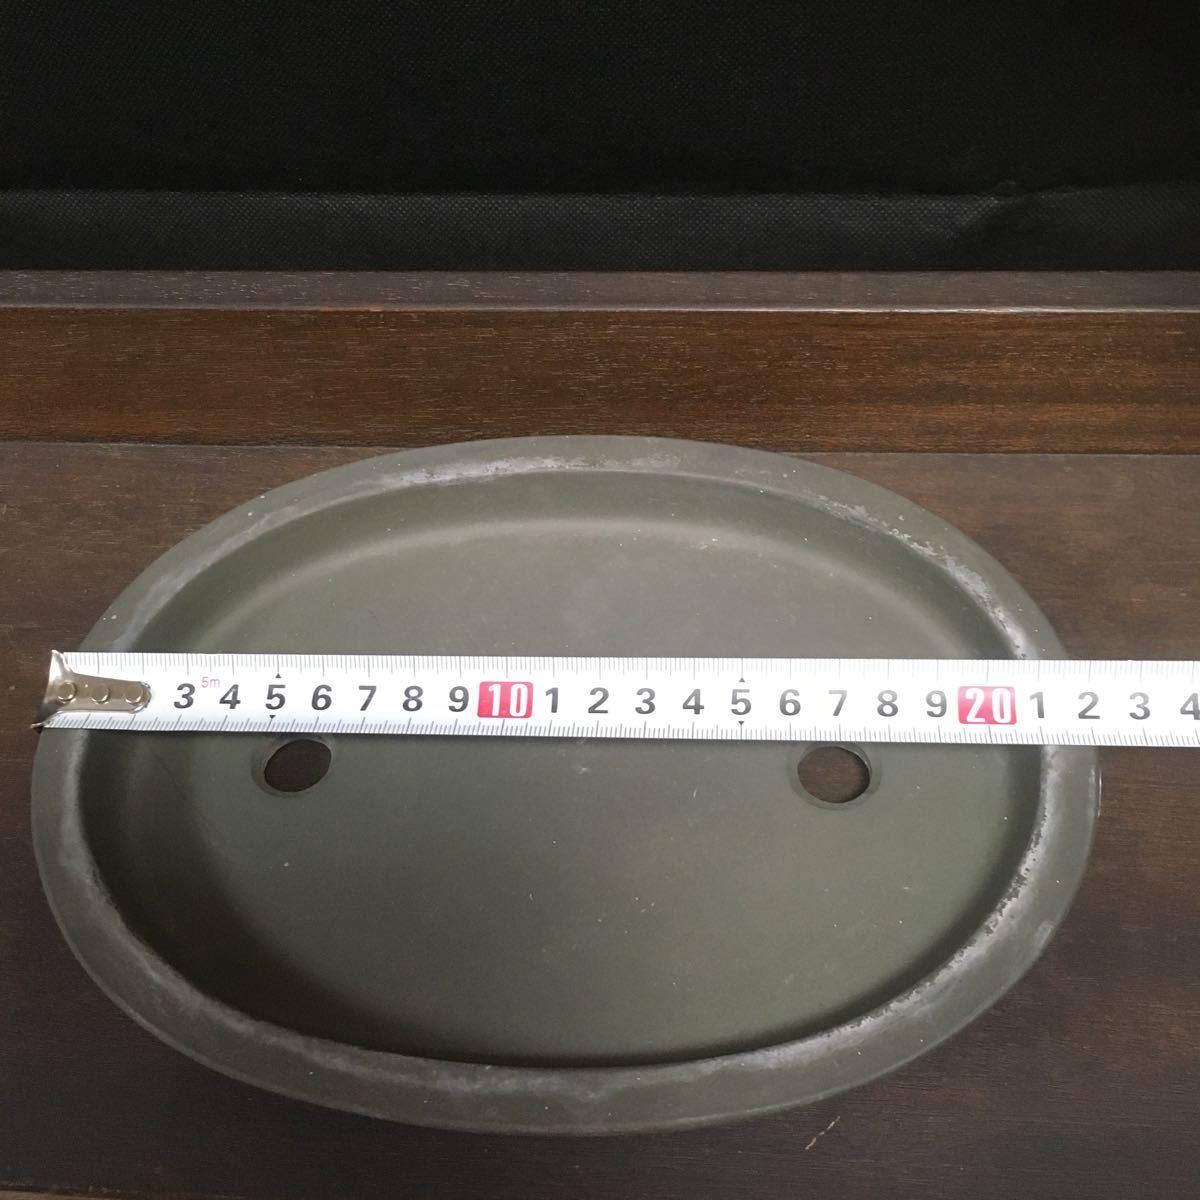 盆栽鉢 鉢 在銘 陶器 朱泥 植木鉢 陶春 (971)_画像5